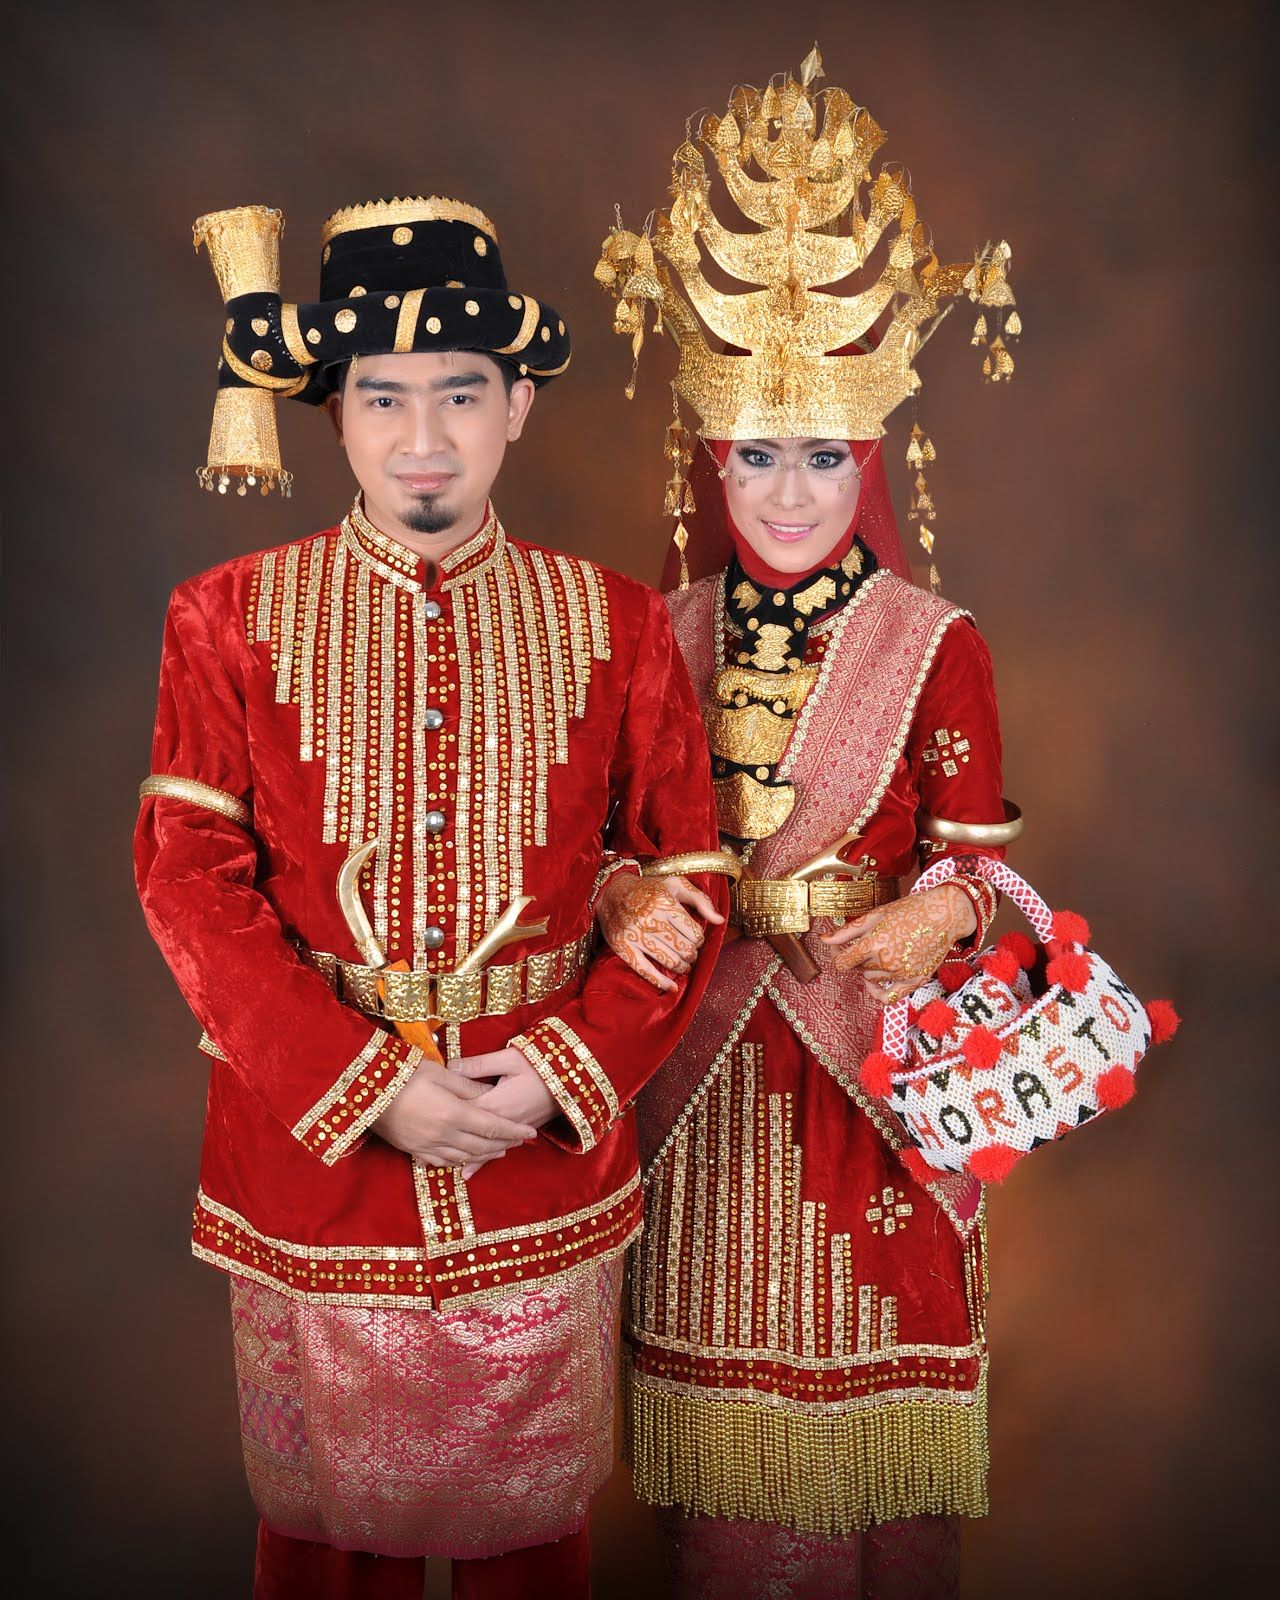 Baju Adat Suku Minang